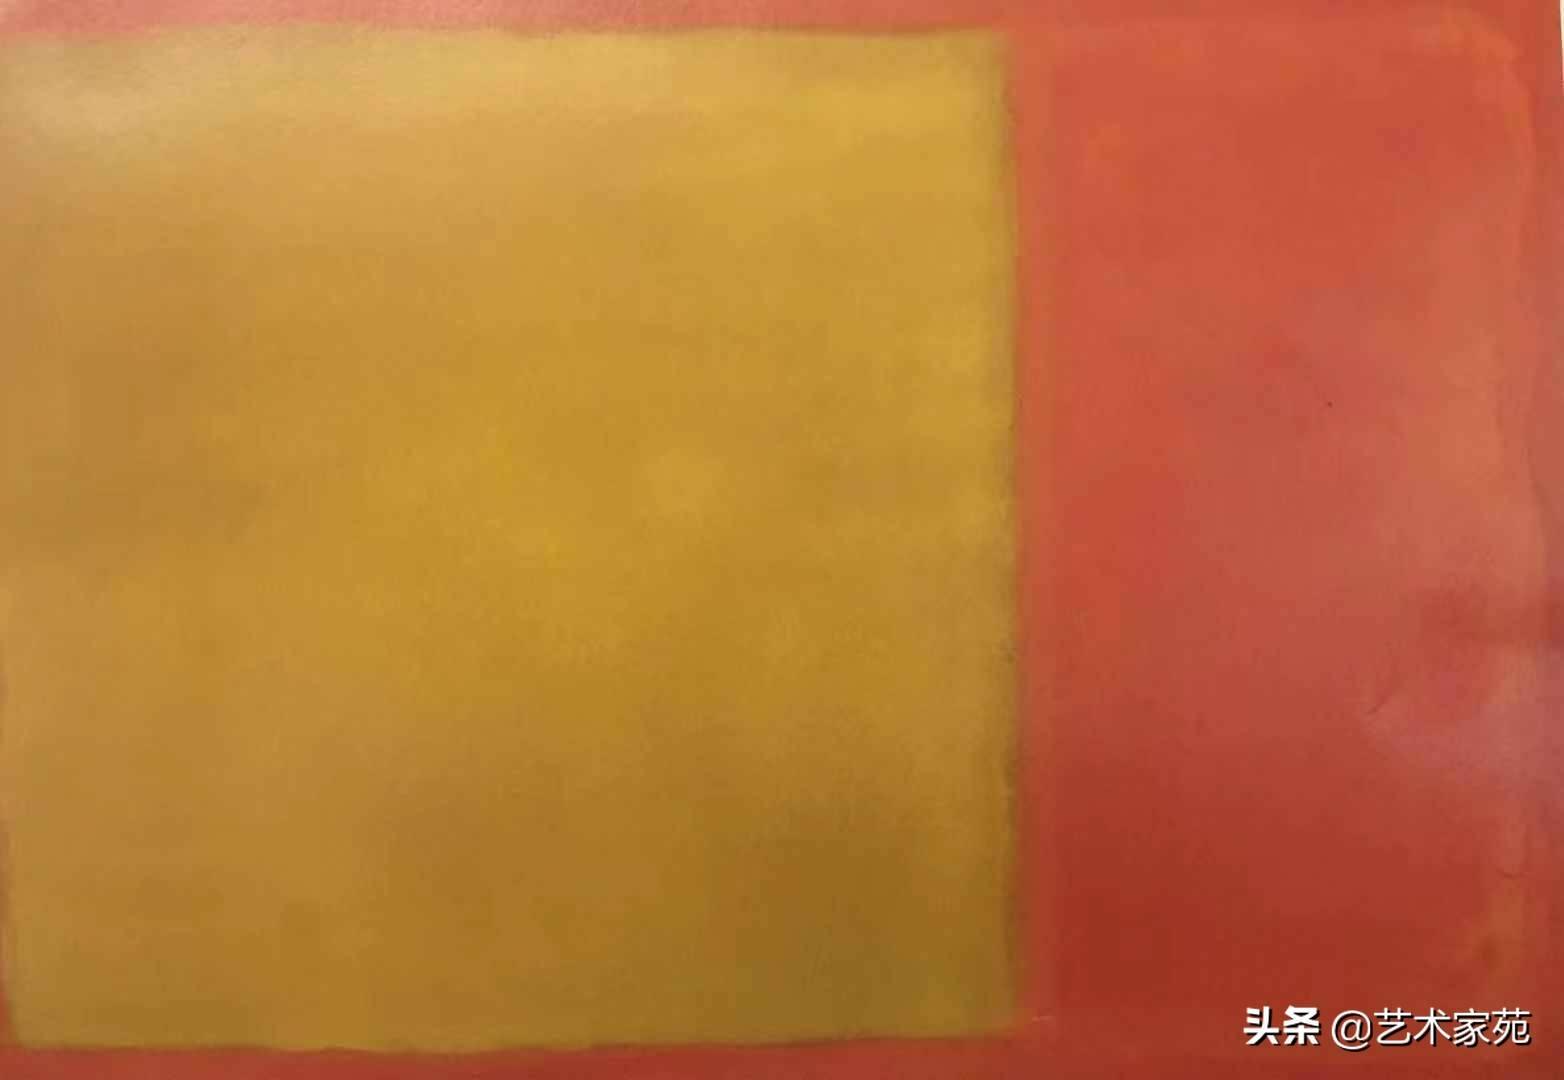 赭色是什么颜色(熟赭色是什么色彩)